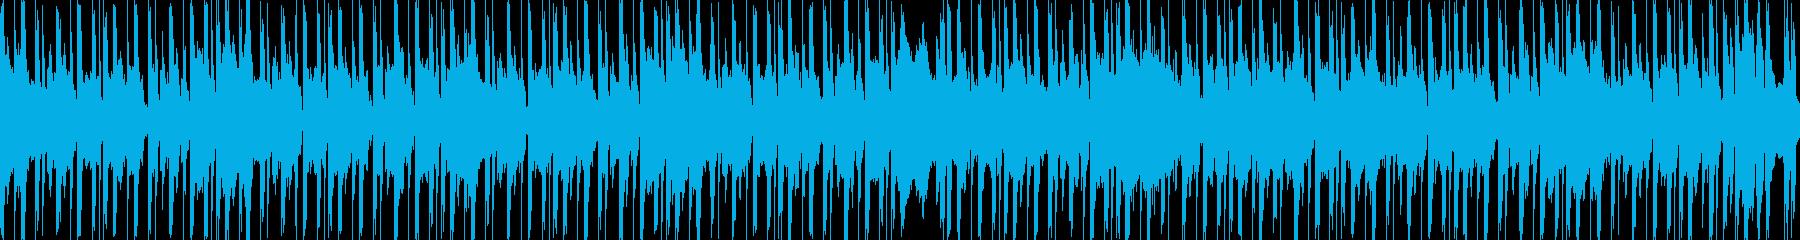 可愛らしく優しいループBGMの再生済みの波形